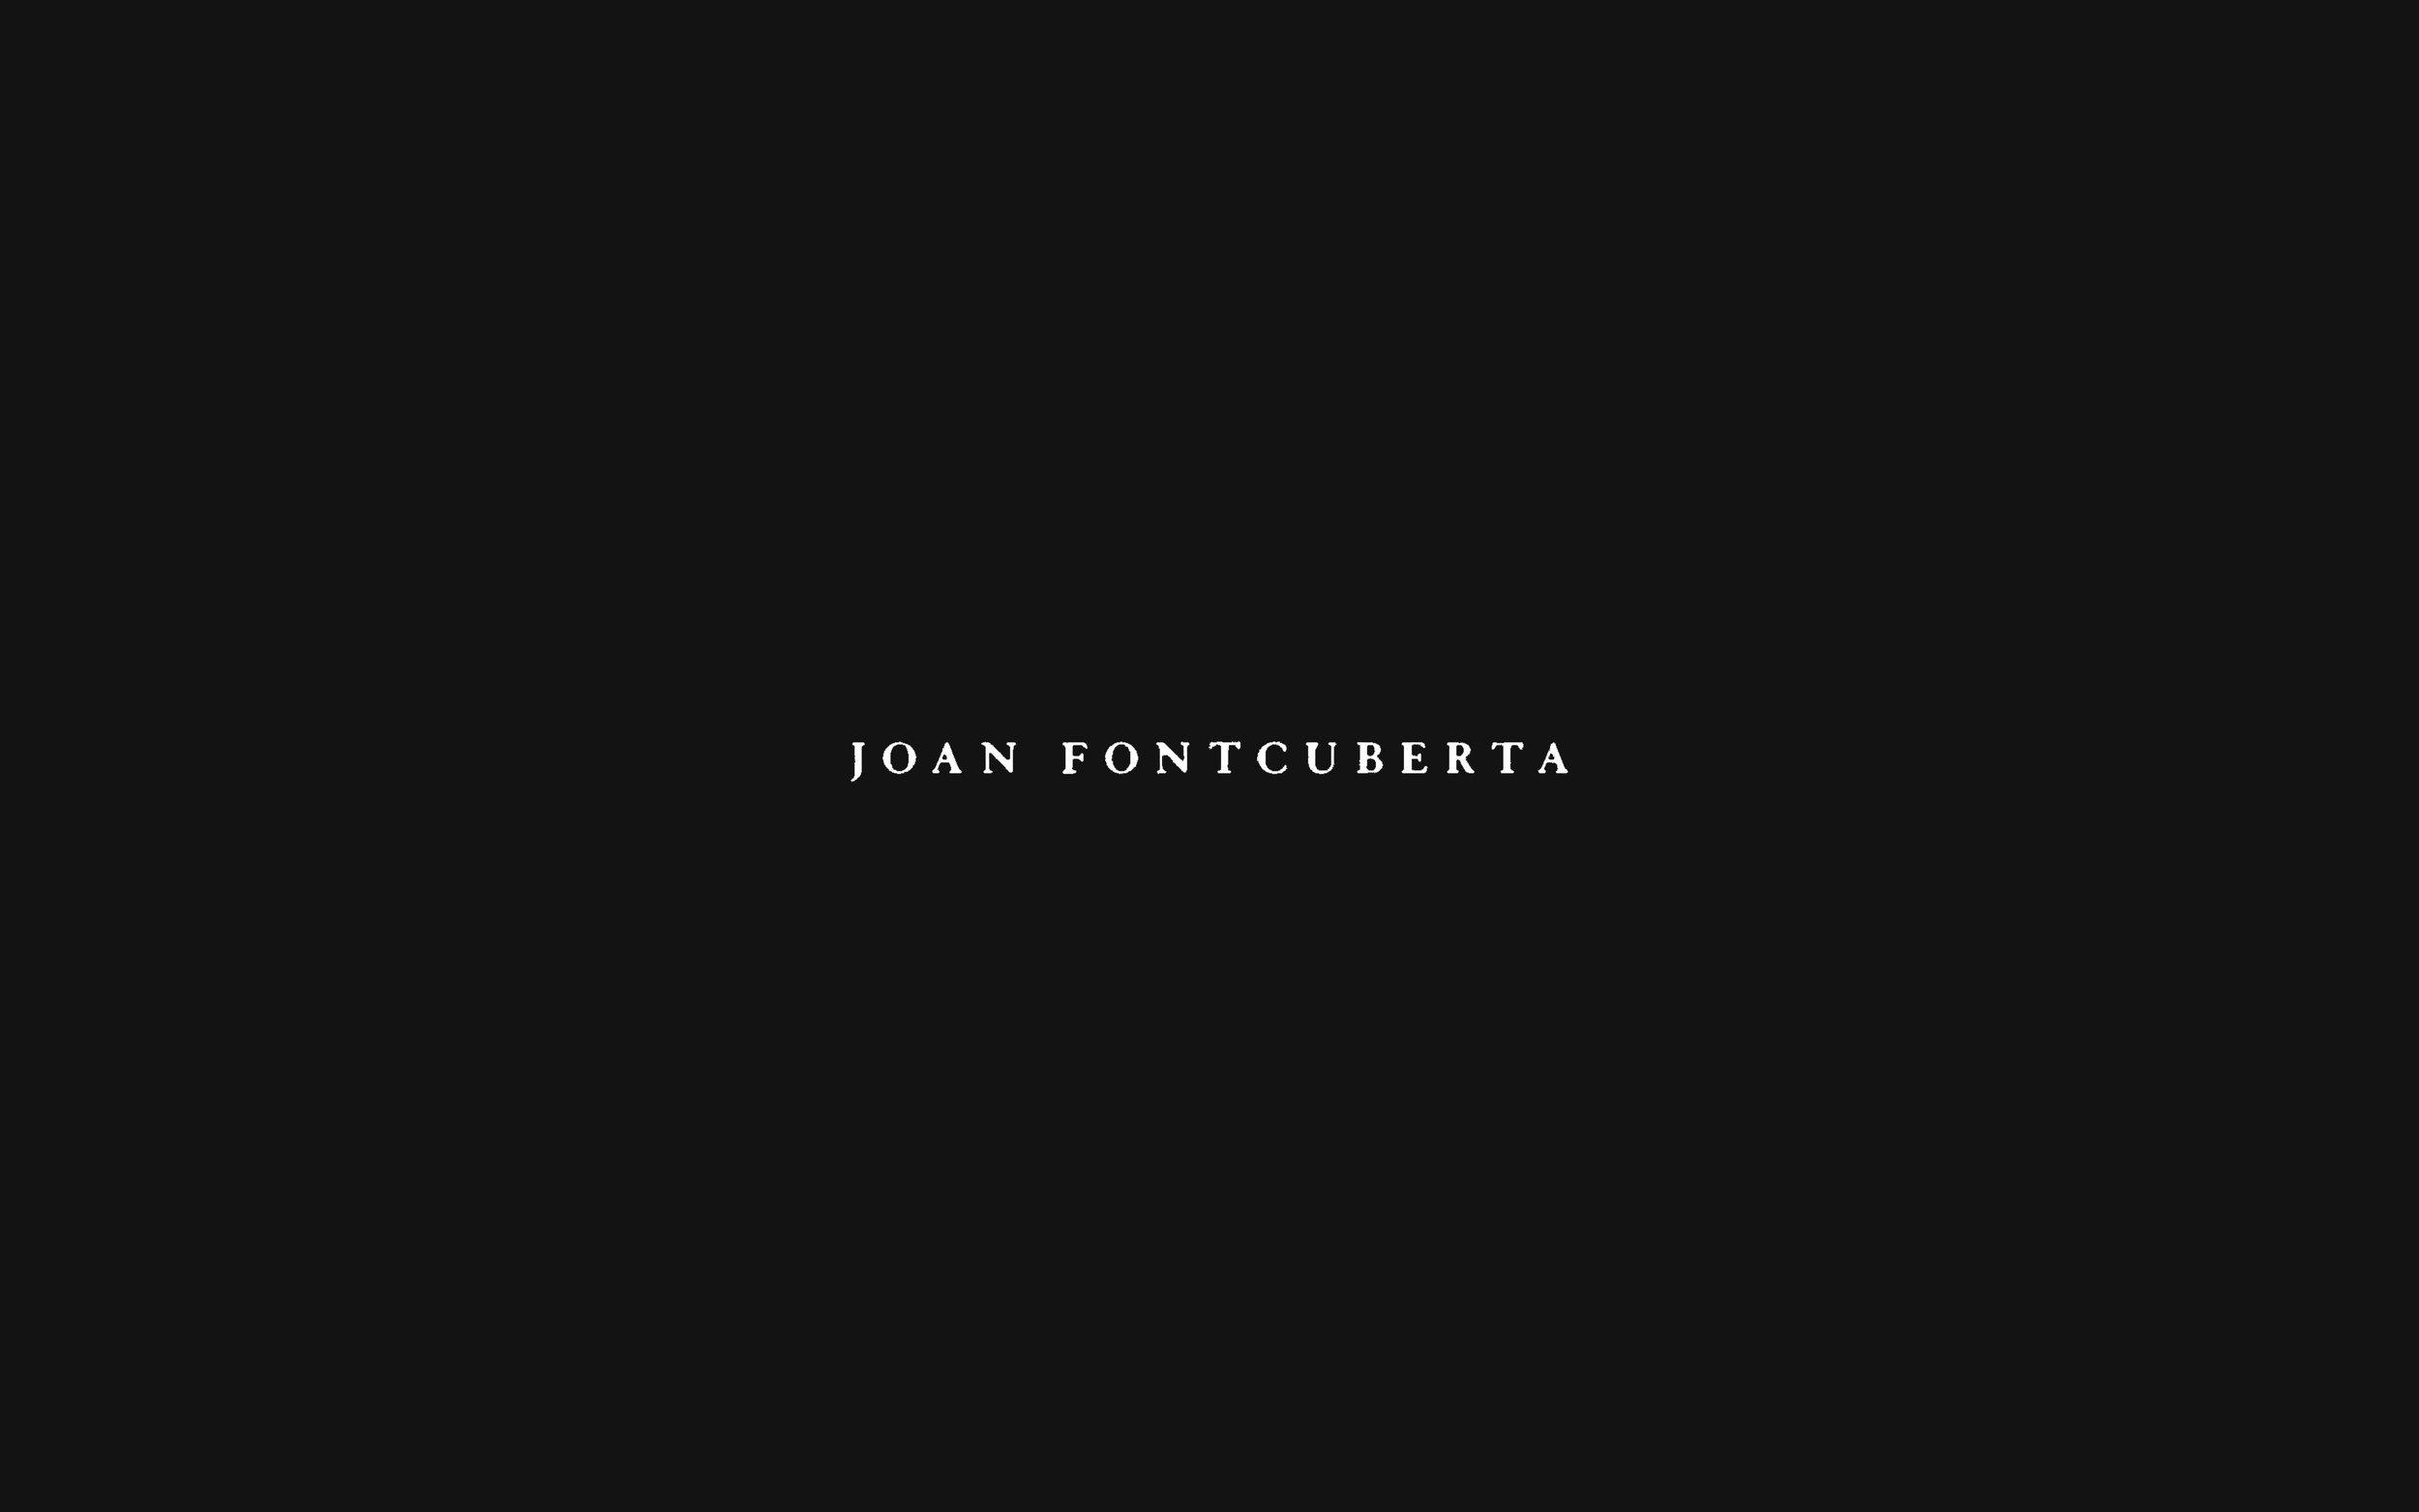 4A__Joan_Fontcuberta_00.jpg